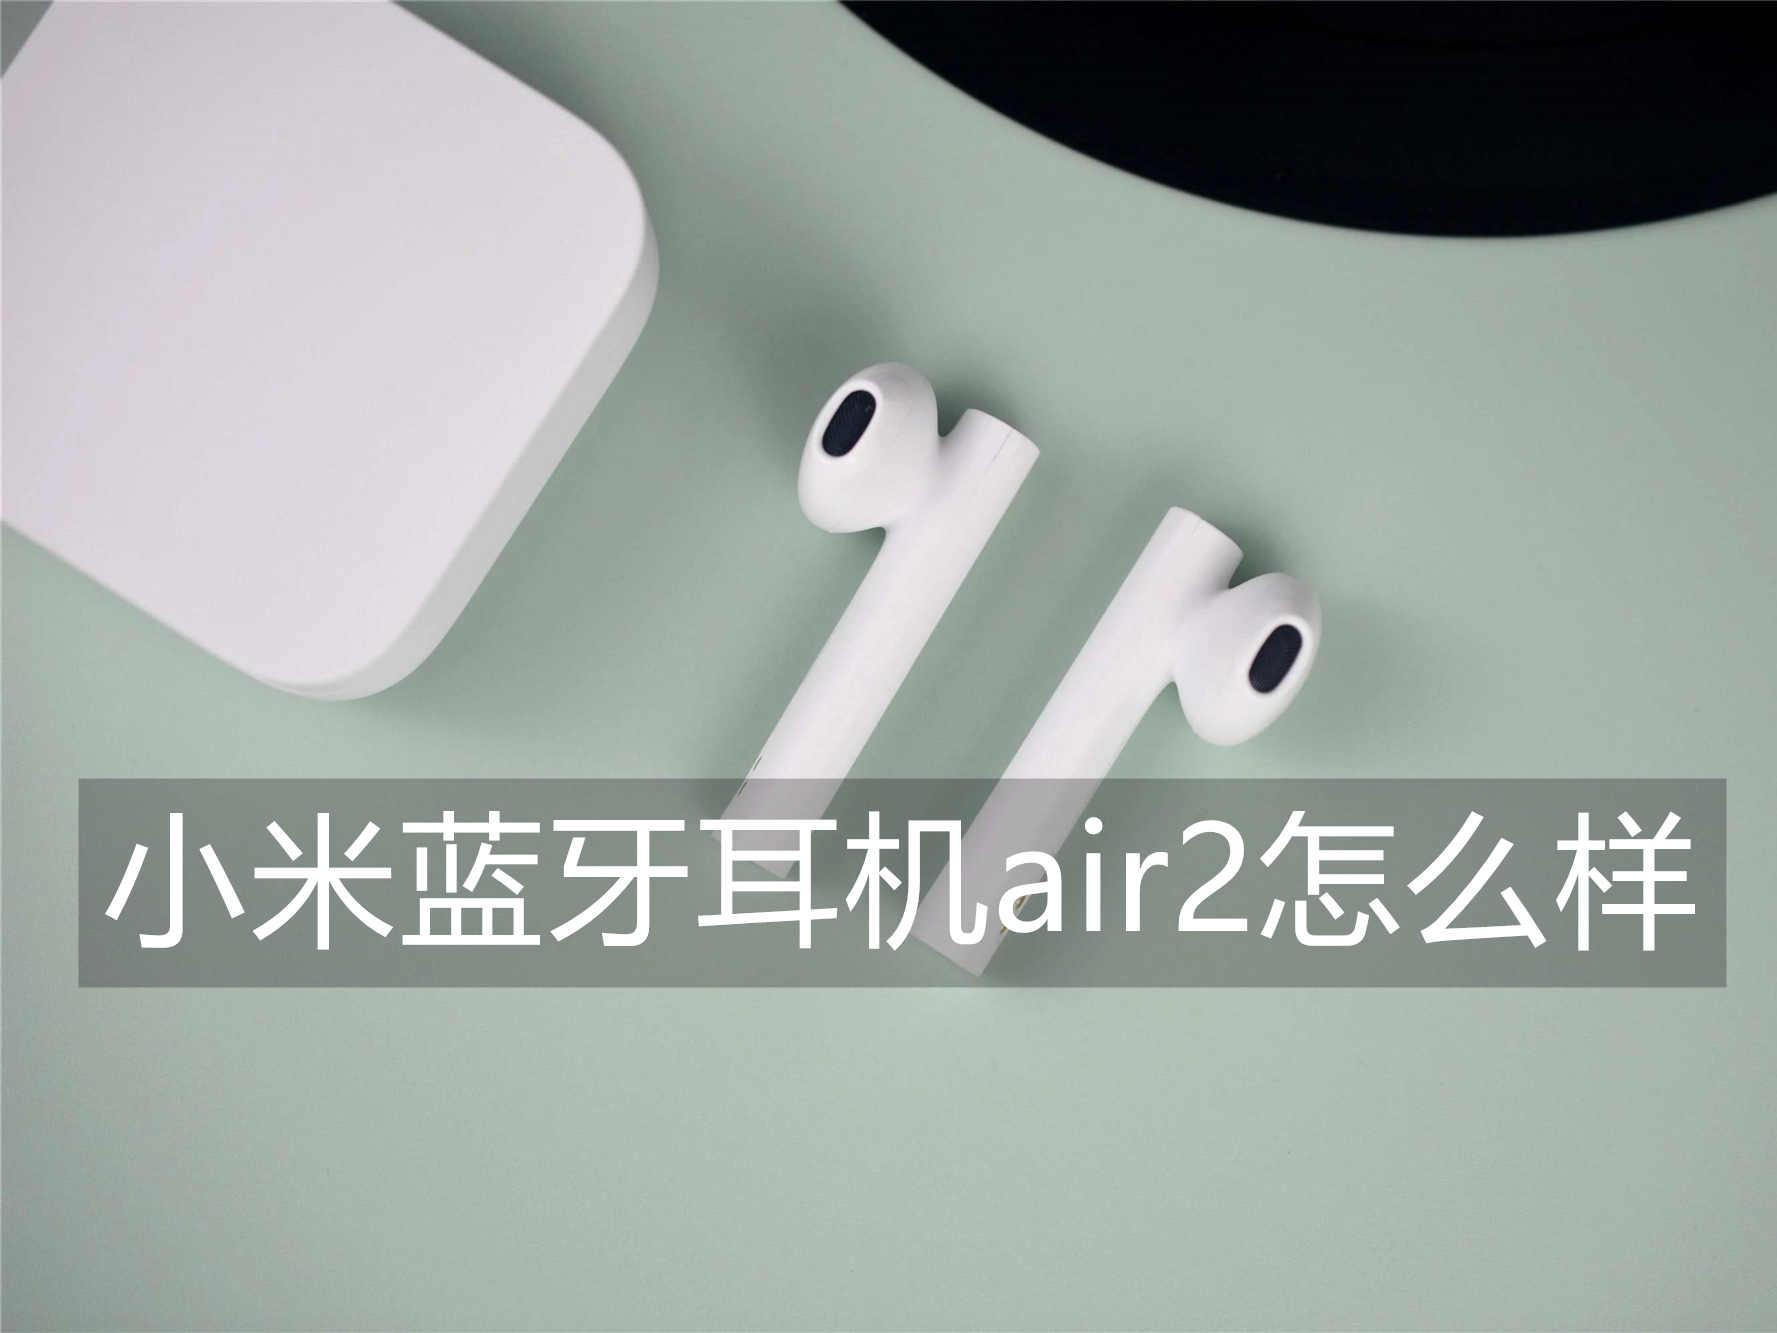 小米蓝牙耳机air2怎么样_小米蓝牙耳机air2和2s的区别